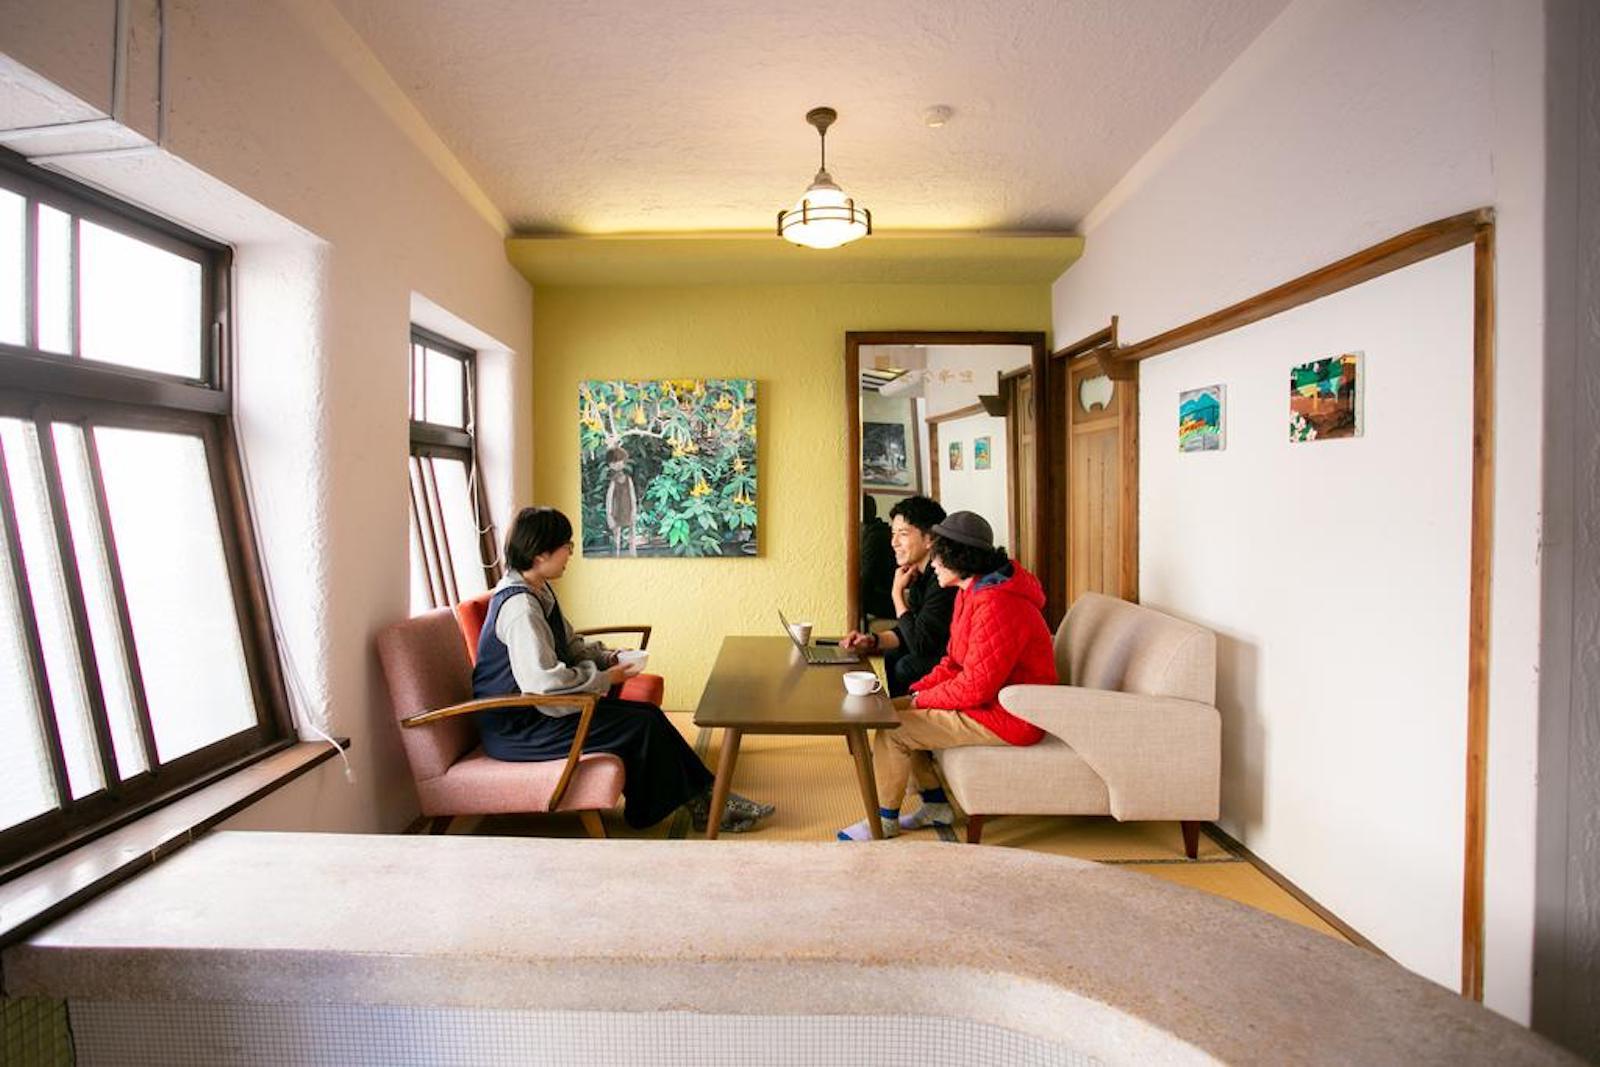 ゲストハウスでは様々な打ち合わせも行われます